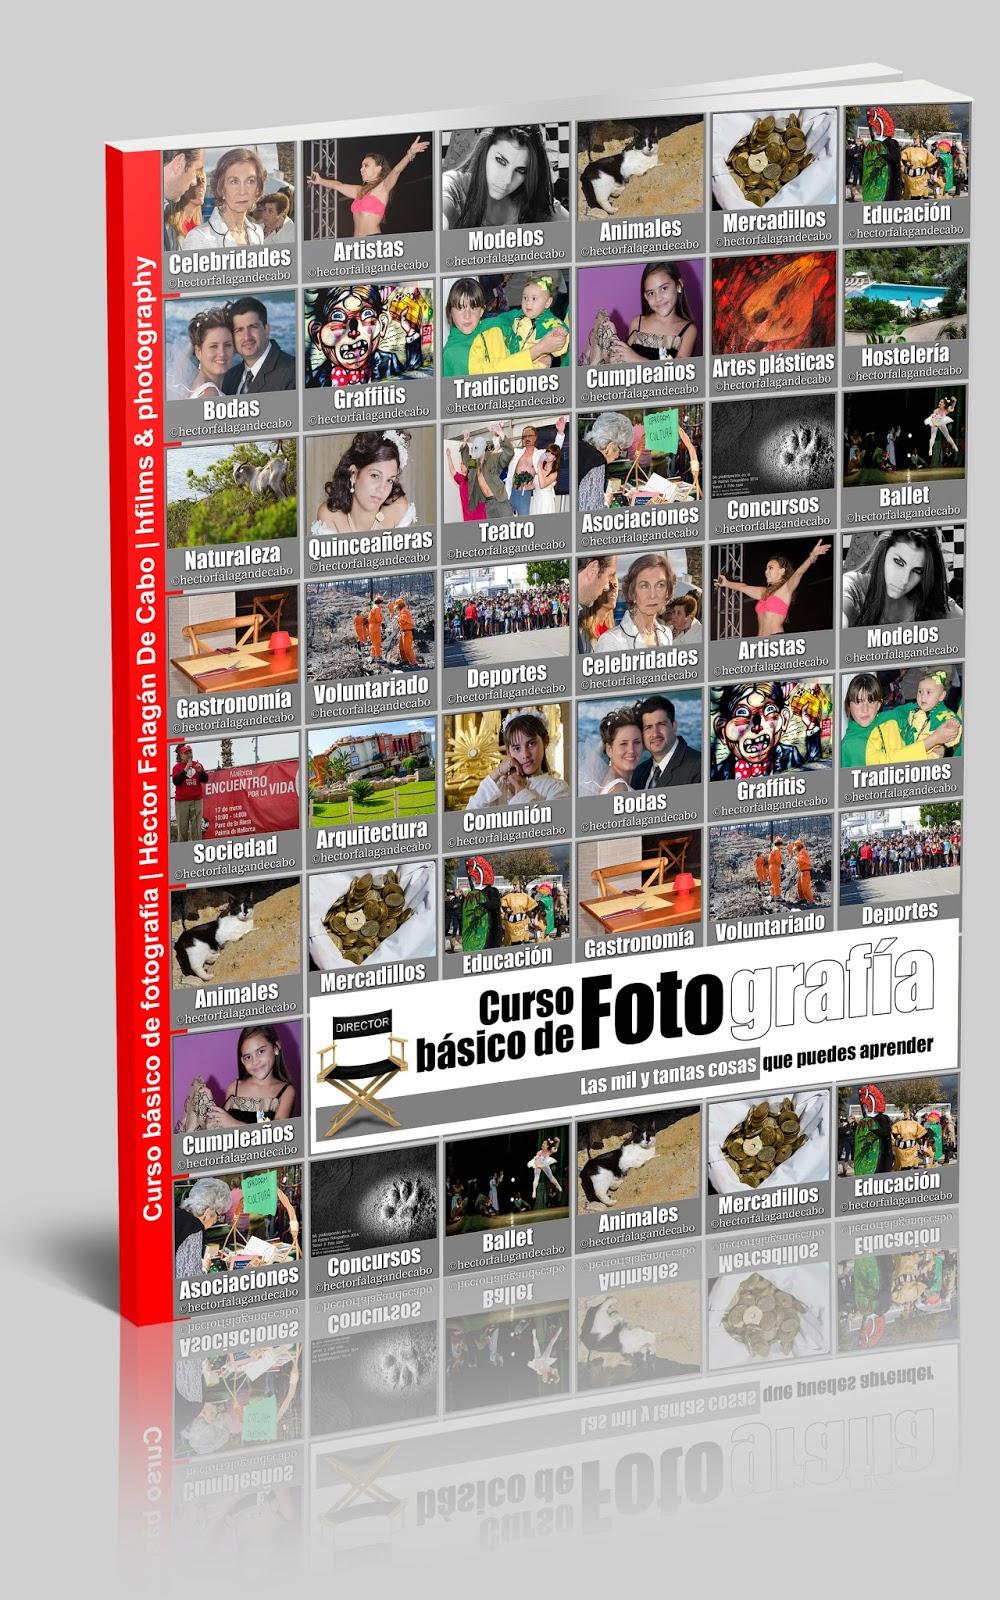 Curso básico de Fotografía - portada publicación digital - Héctor Falagán De Cabo.